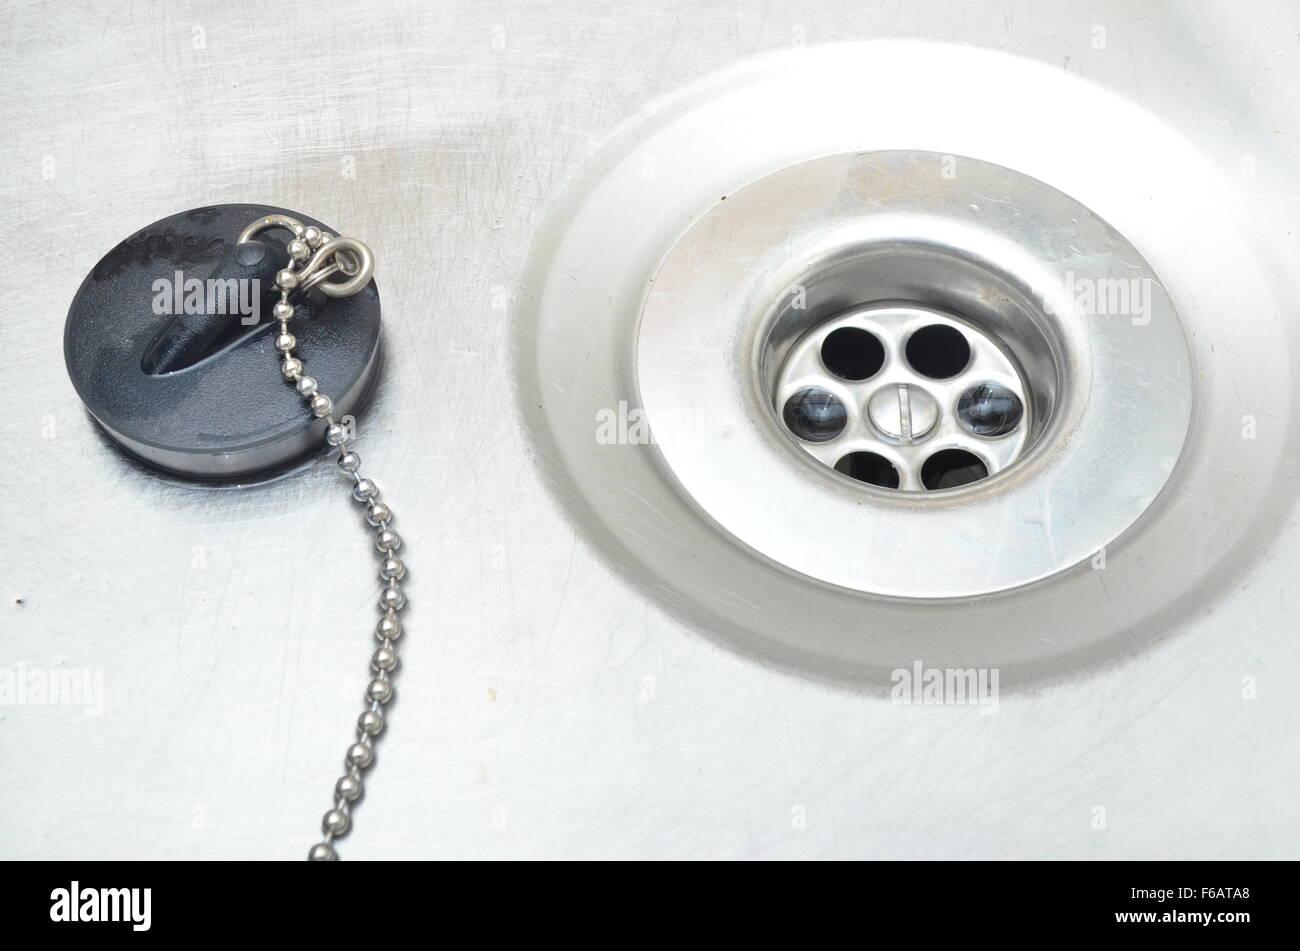 Kitchen Sink Plug Hole Stock Photo, Royalty Free Image: 89978400 ...